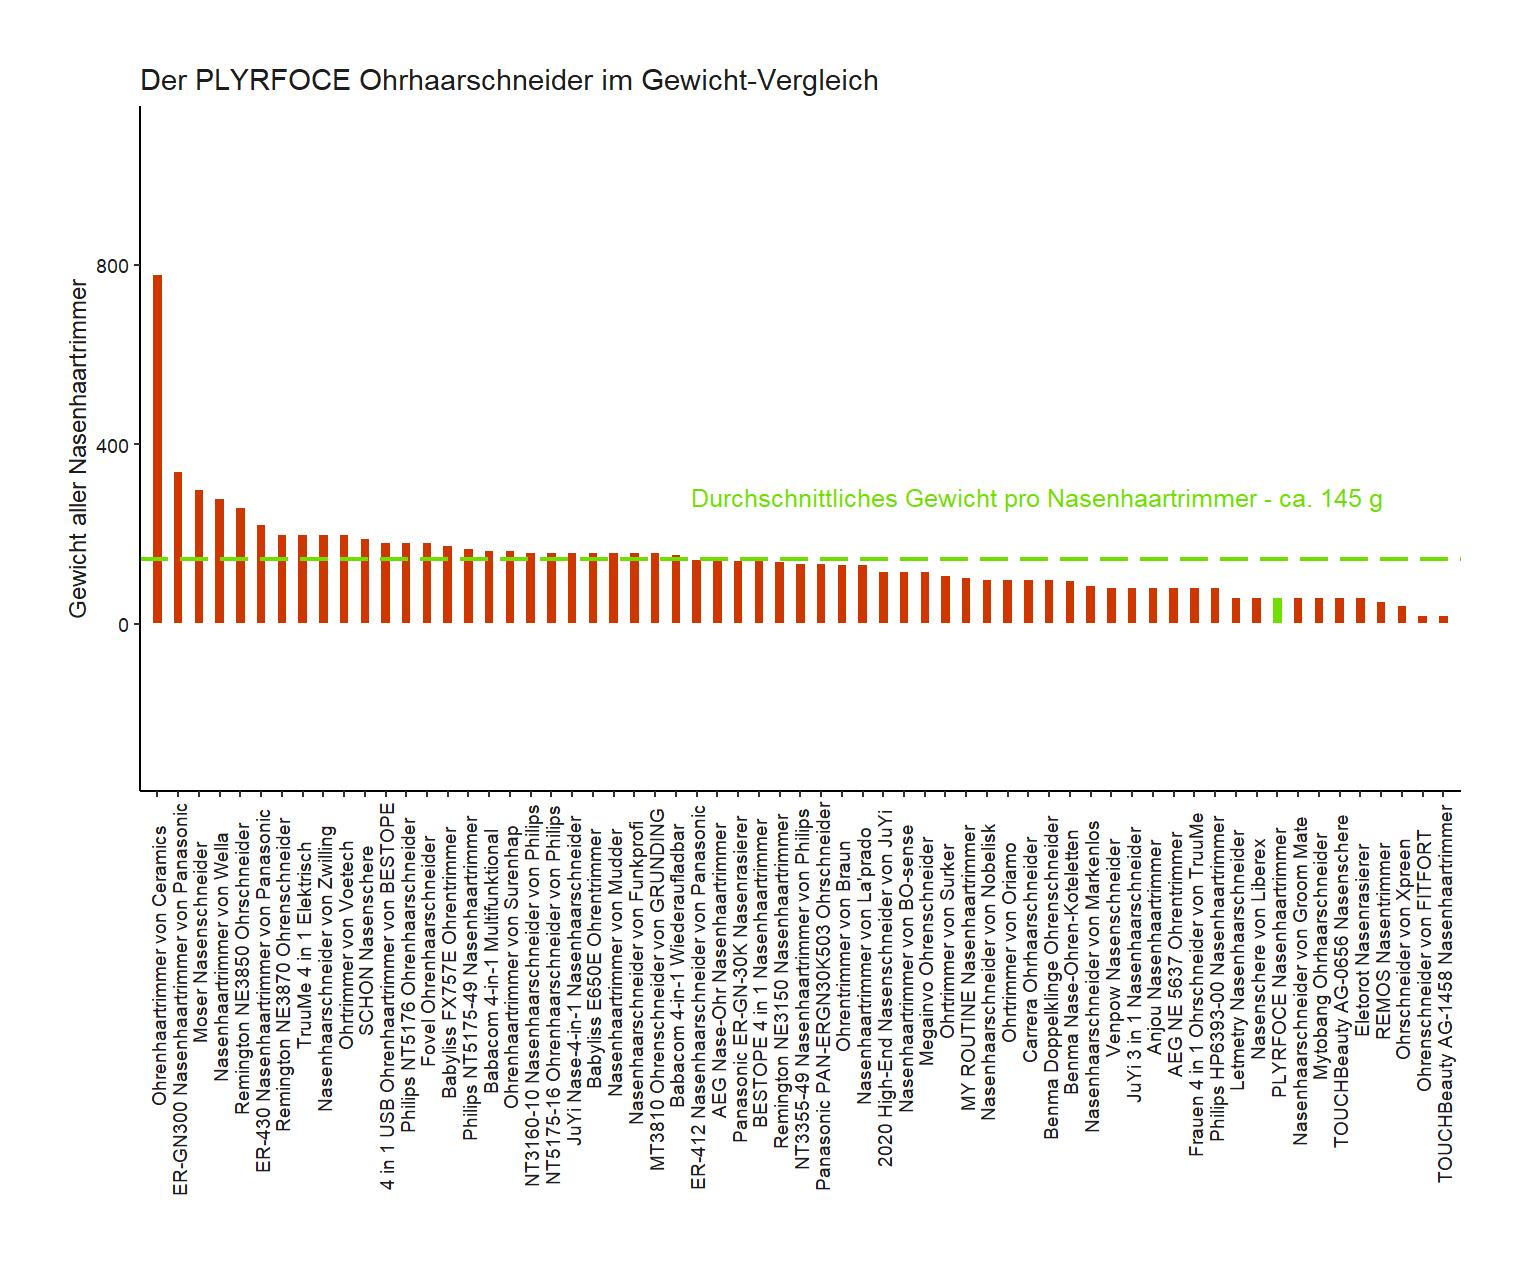 Gewicht-Vergleich von dem PLYRFOCE Ohrenschneider